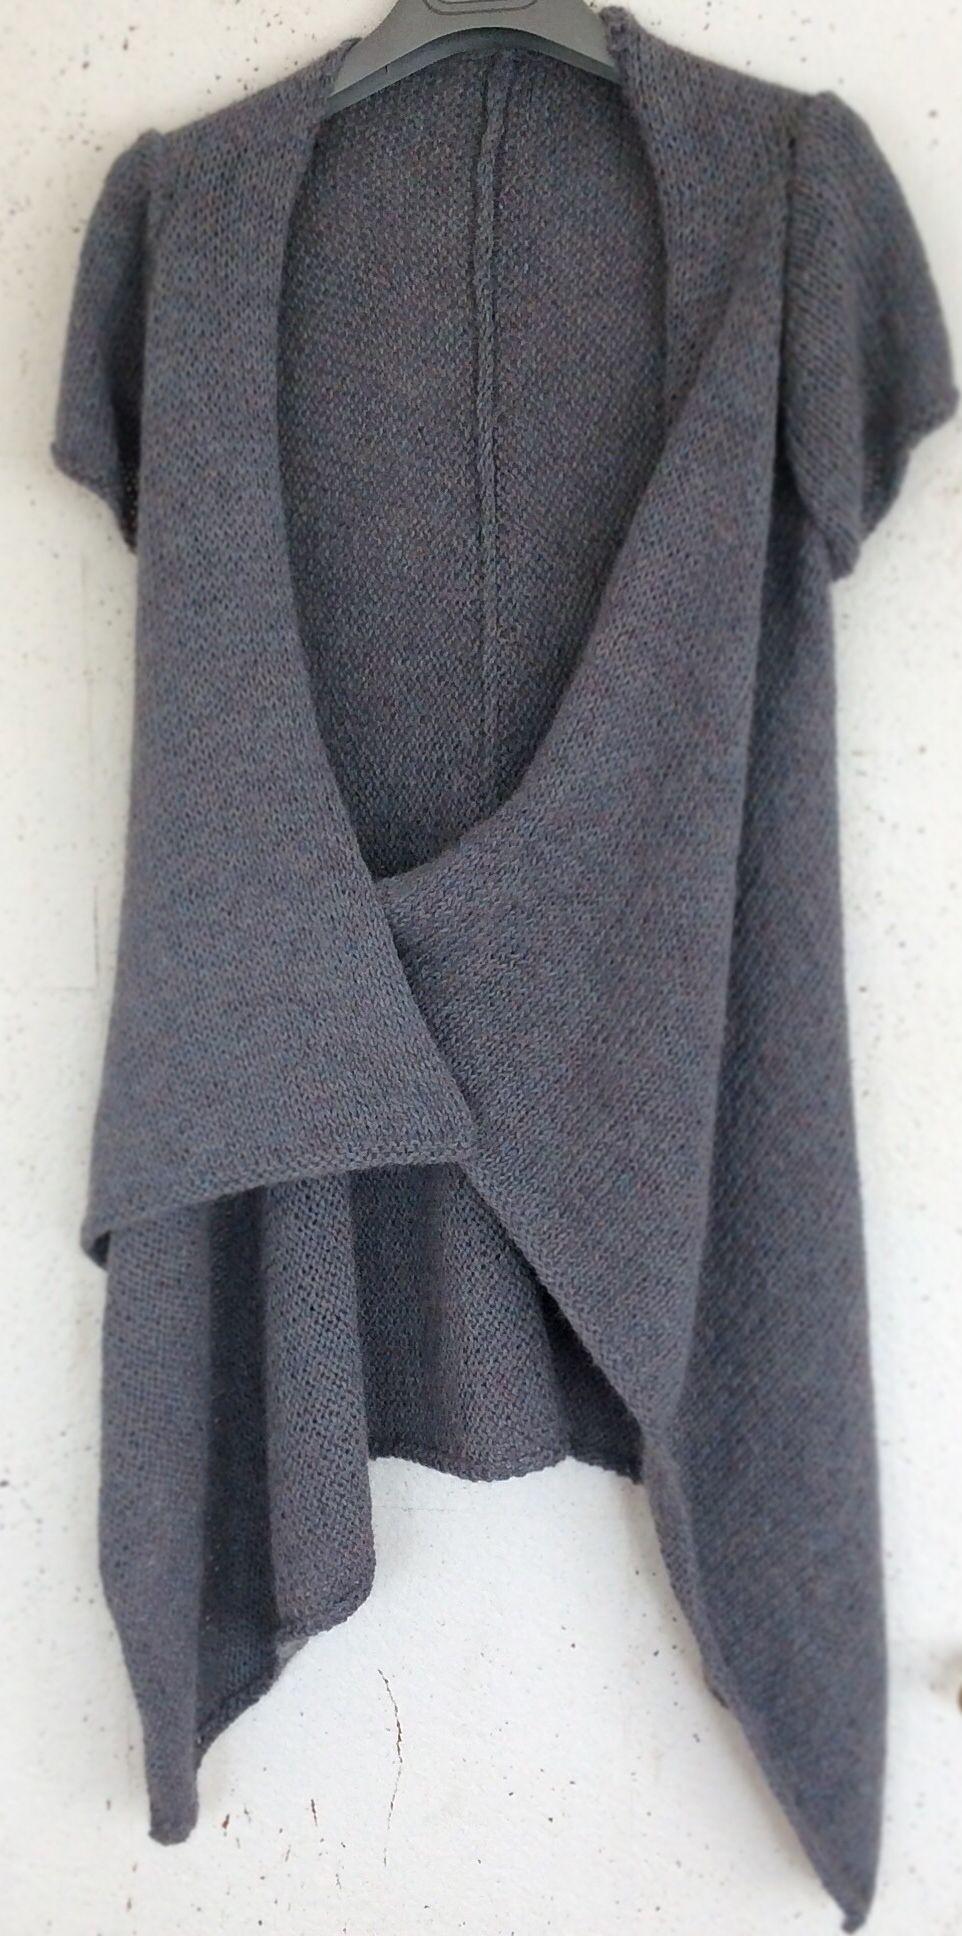 Drops design veste alpaca bleu jean. Réalisation et photo par Frédérique Richartz.